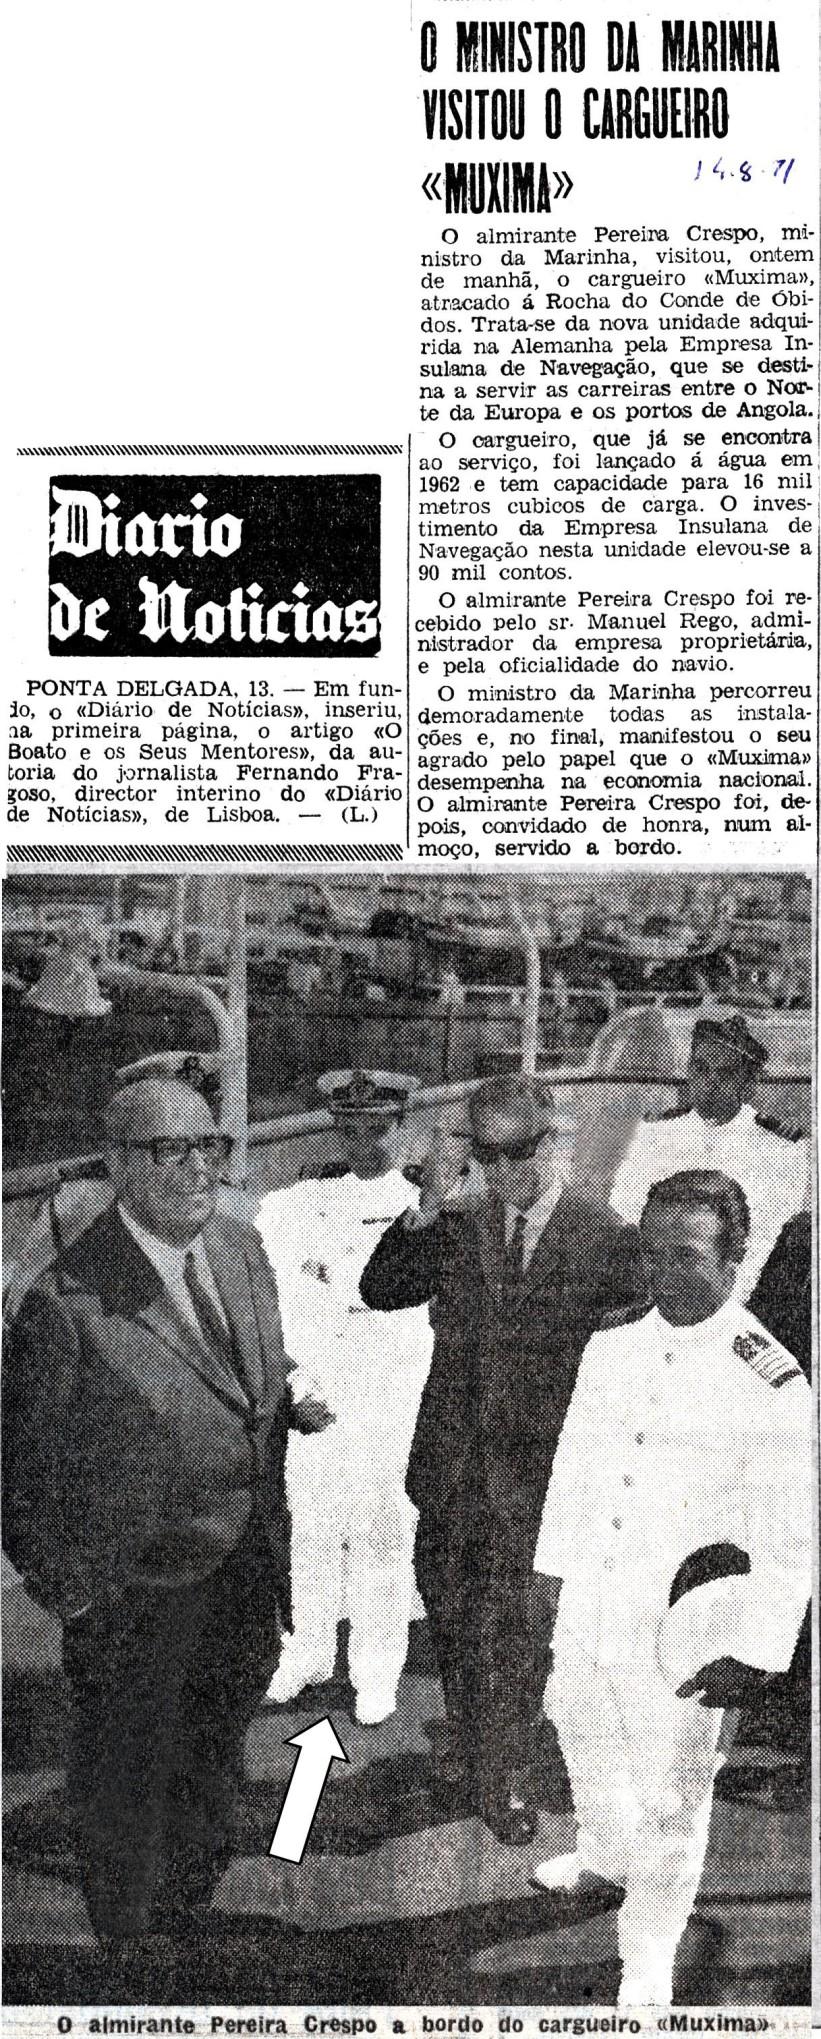 00577 971-08-14 nas funções de Capitão do Porto de Lisboa acompanhando Ministro da Marinha a visita ao cargueiro MUXIMA